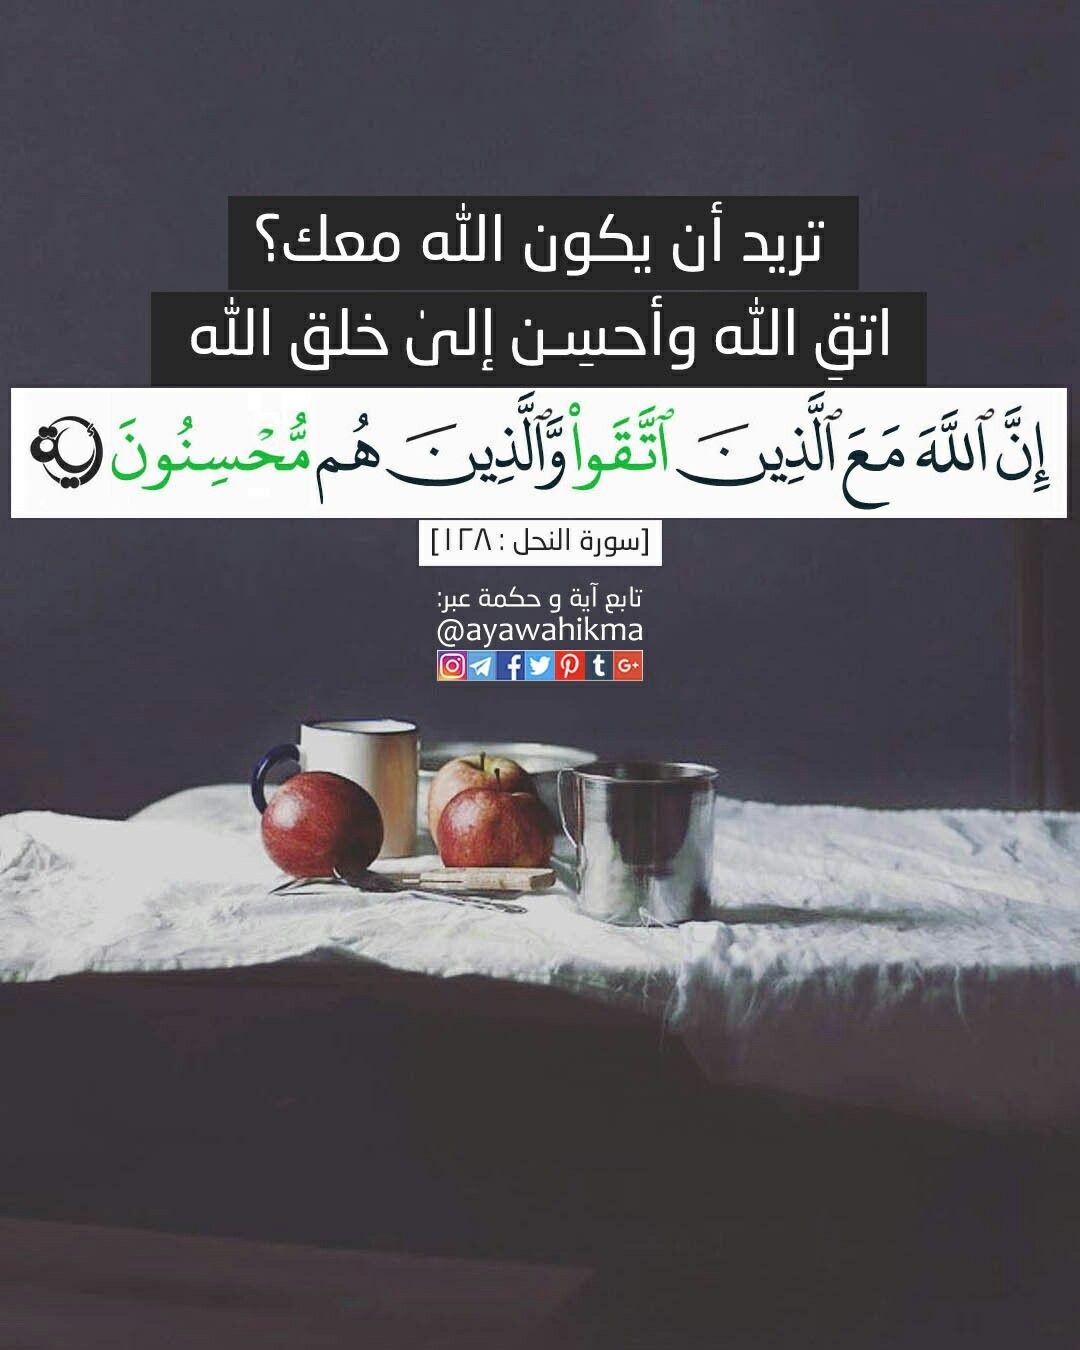 آیة و حكمة تريد أن يكون الله معك اتق الله وأحسن الى خلق الله إ ن الل ه م ع ال ذ ين ات ق وا و ال Islamic Quotes Quran Islamic Quotes Quran Quotes